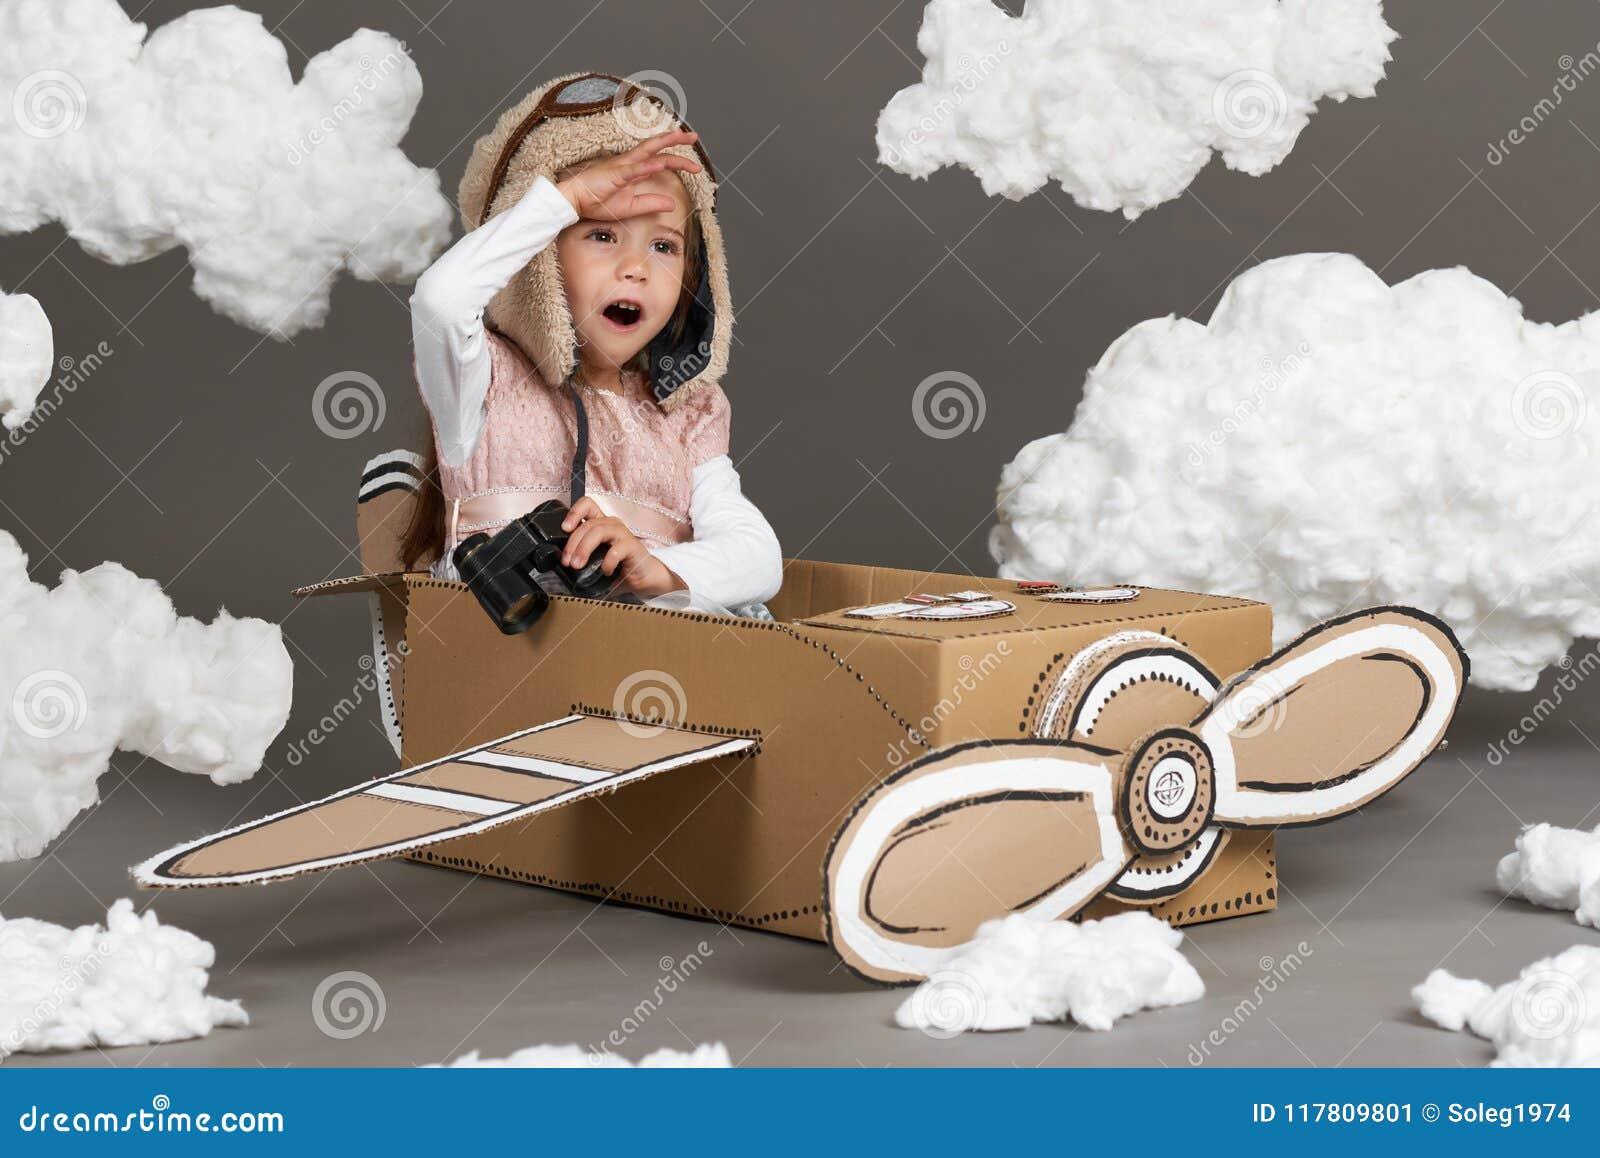 La muchacha del niño juega en un aeroplano hecho de la caja de cartón y de sueños de hacer piloto, nubes de la algodón en un back